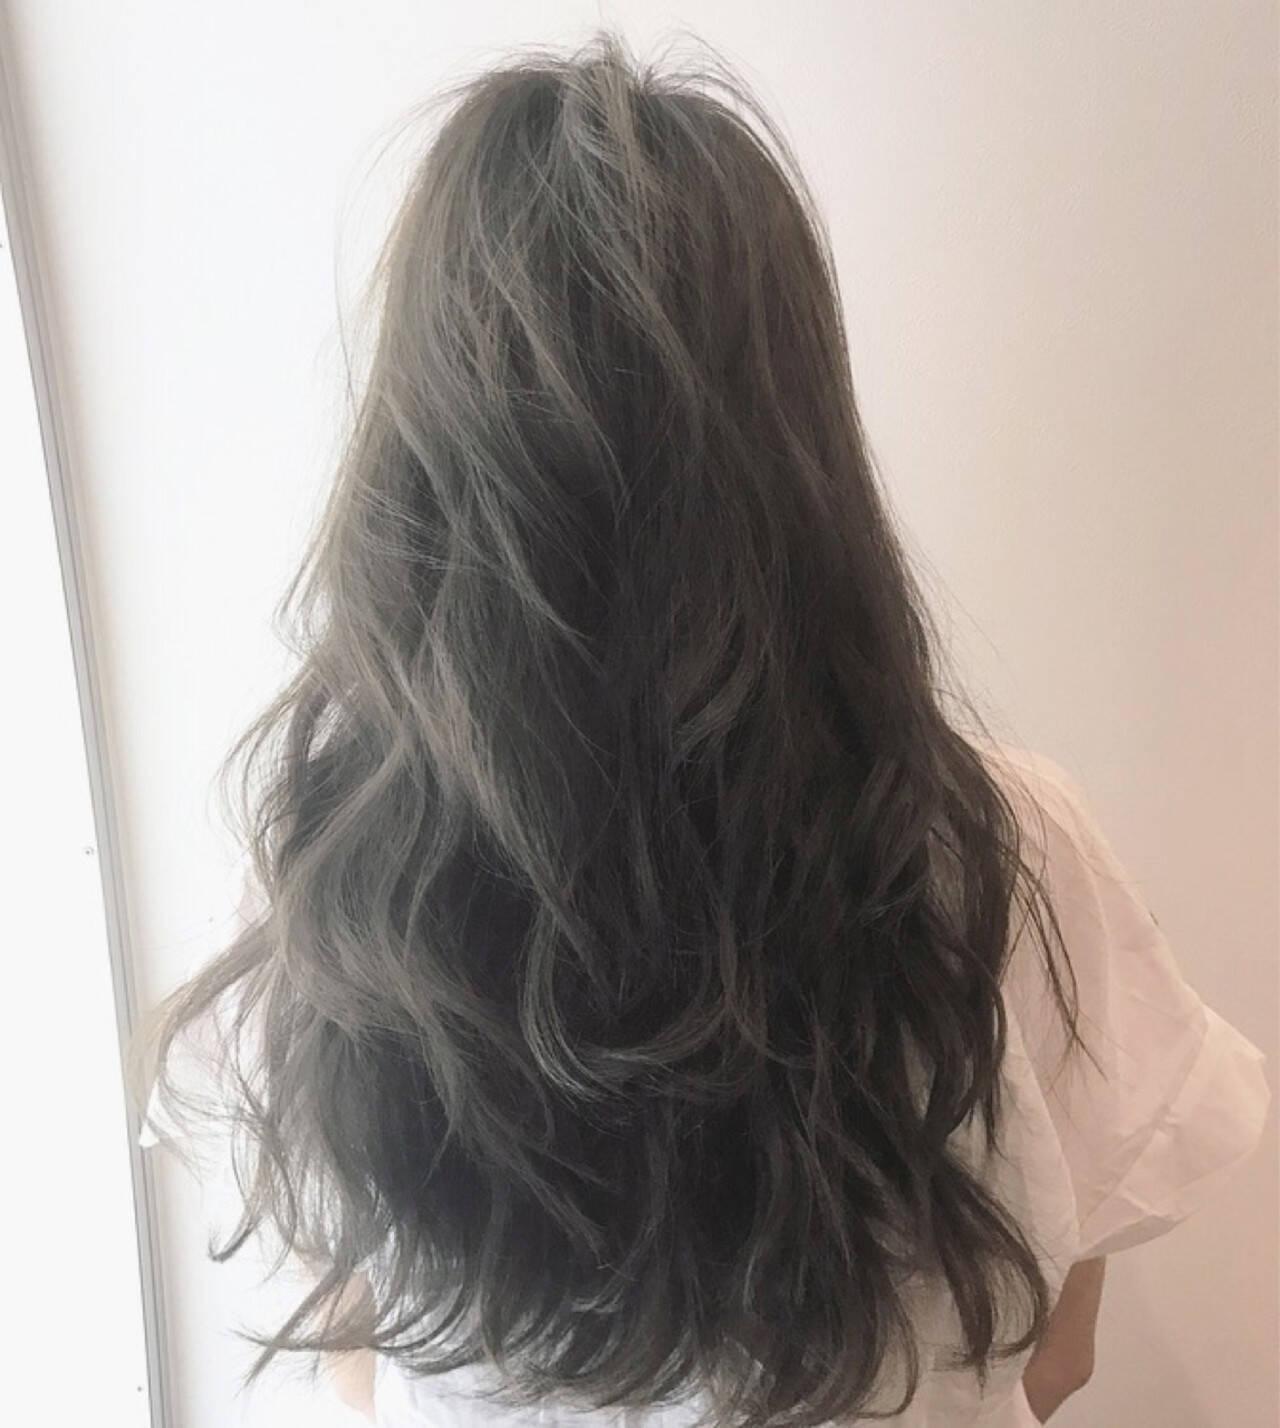 エレガント アンニュイ ヘアアレンジ ロングヘアスタイルや髪型の写真・画像